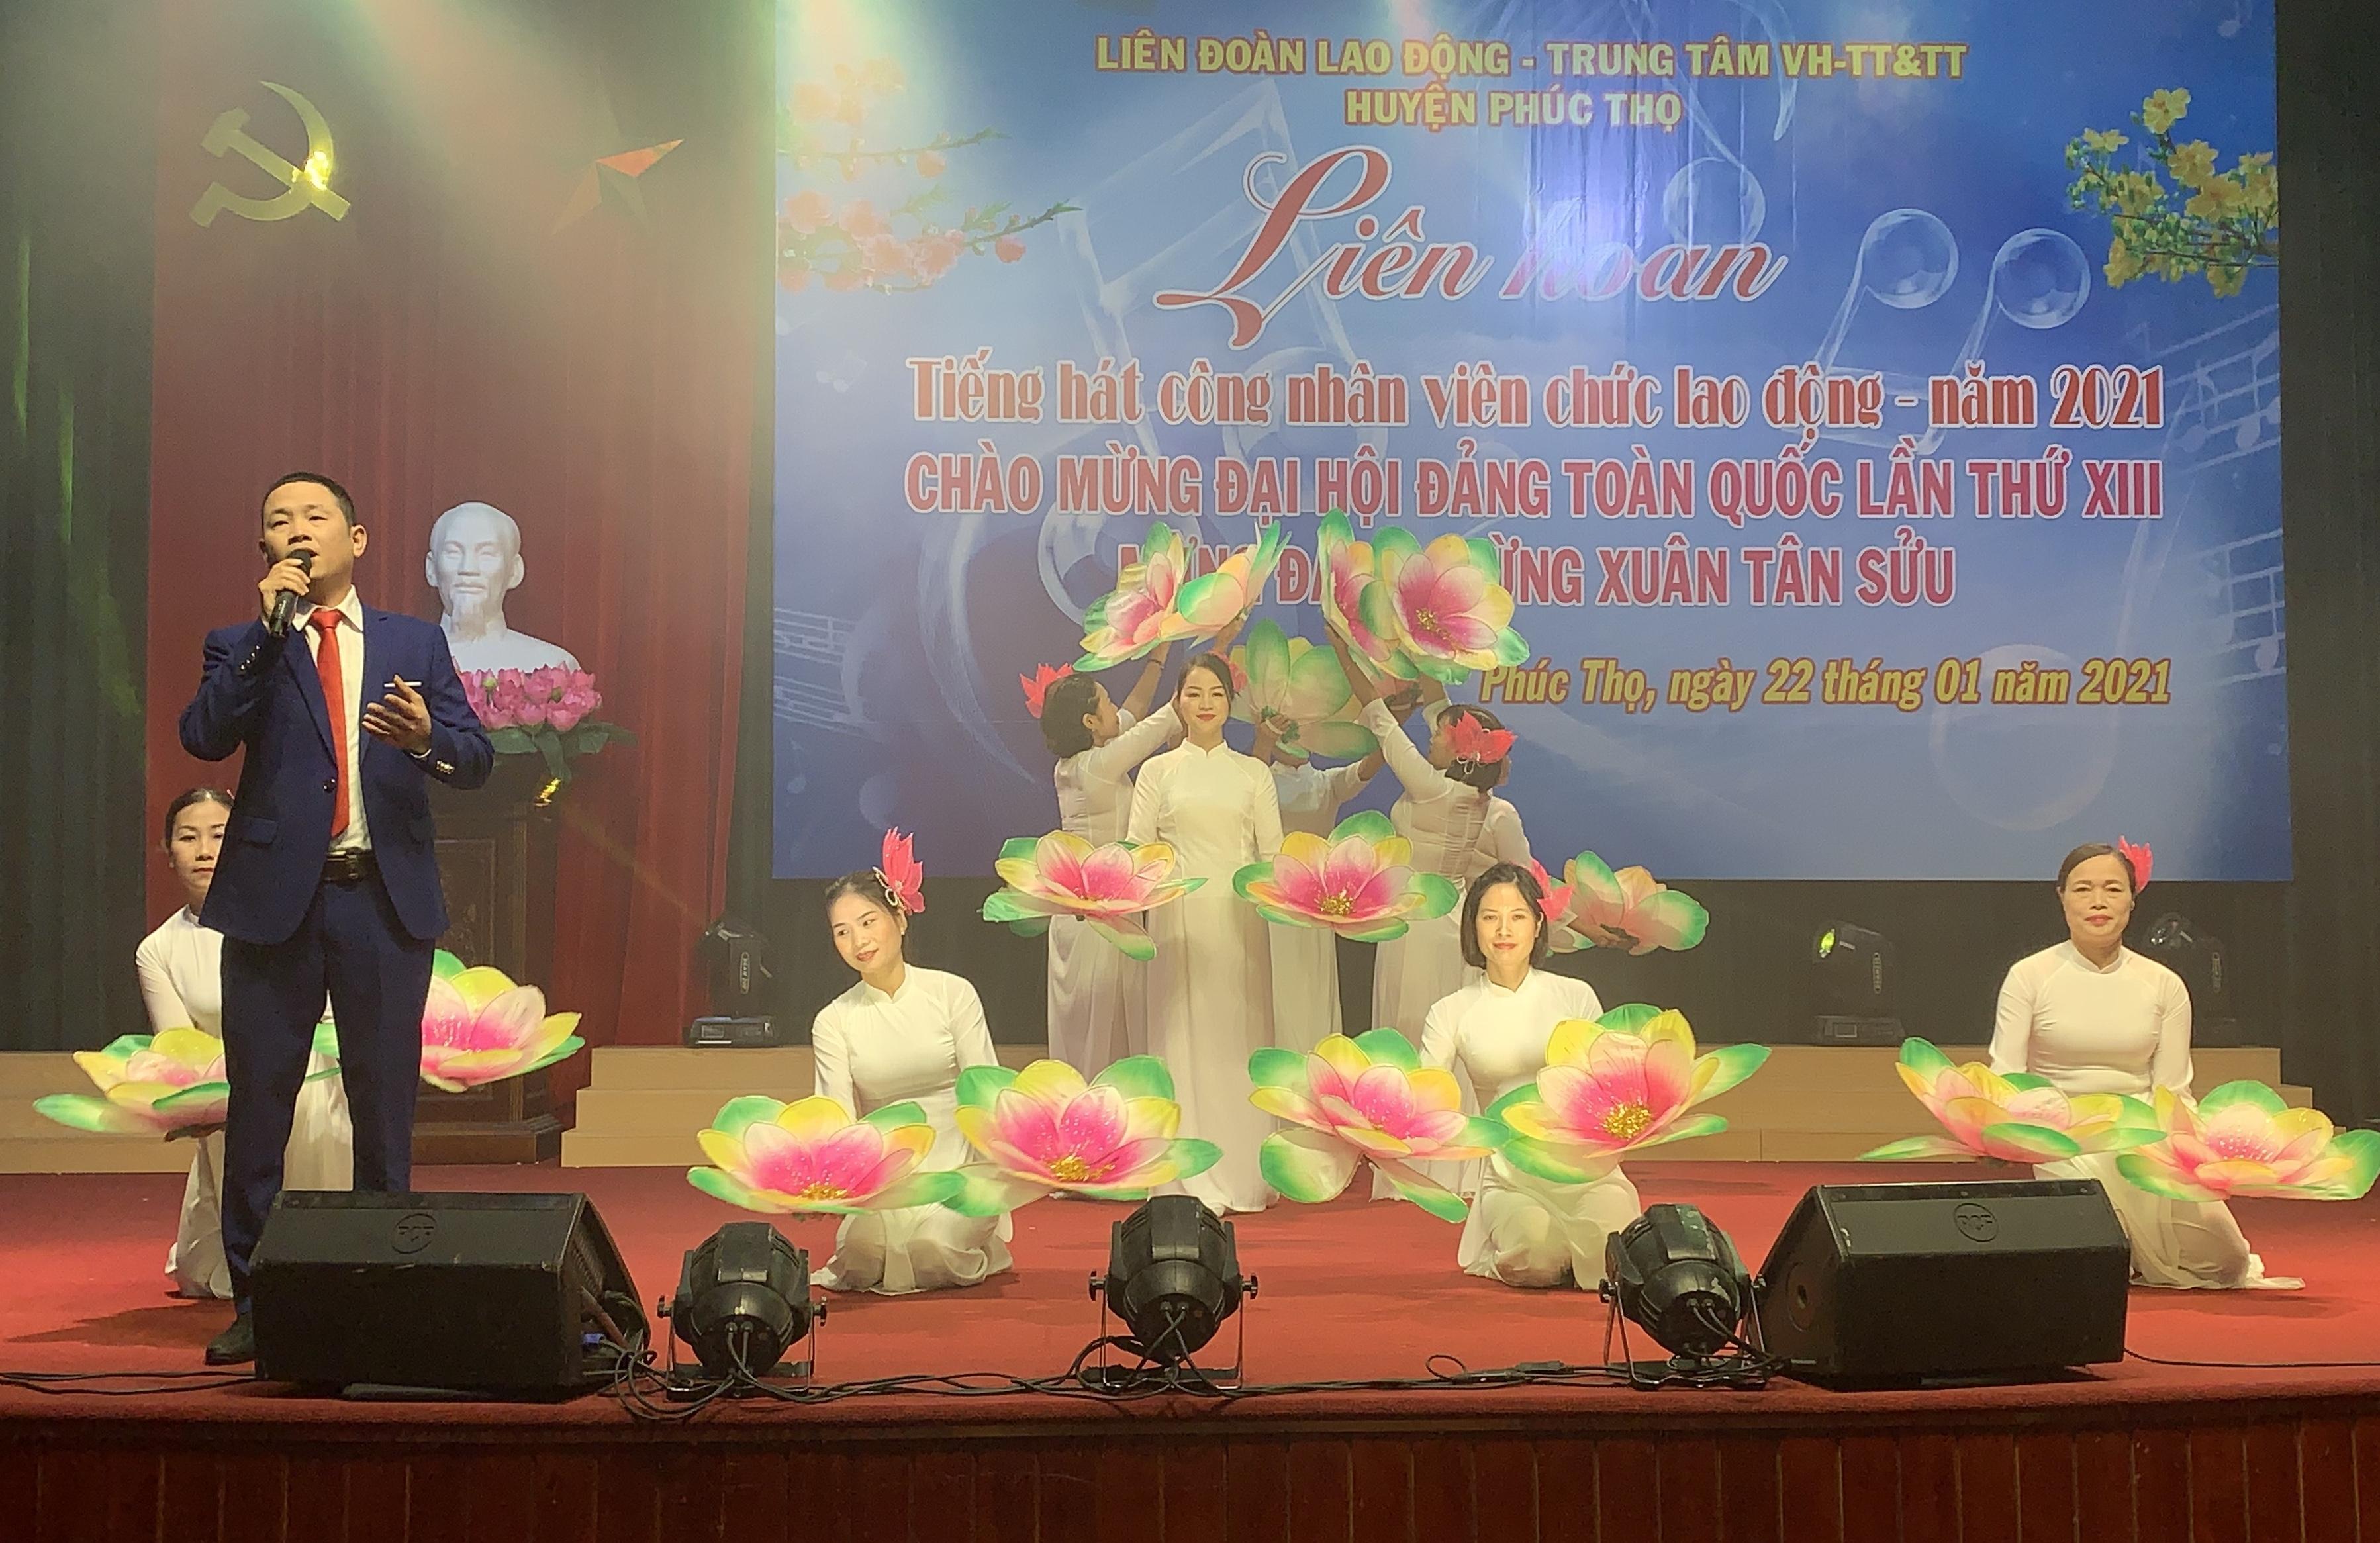 Liên hoan tiếng hát công nhân viên chức lao động huyện Phúc Thọ